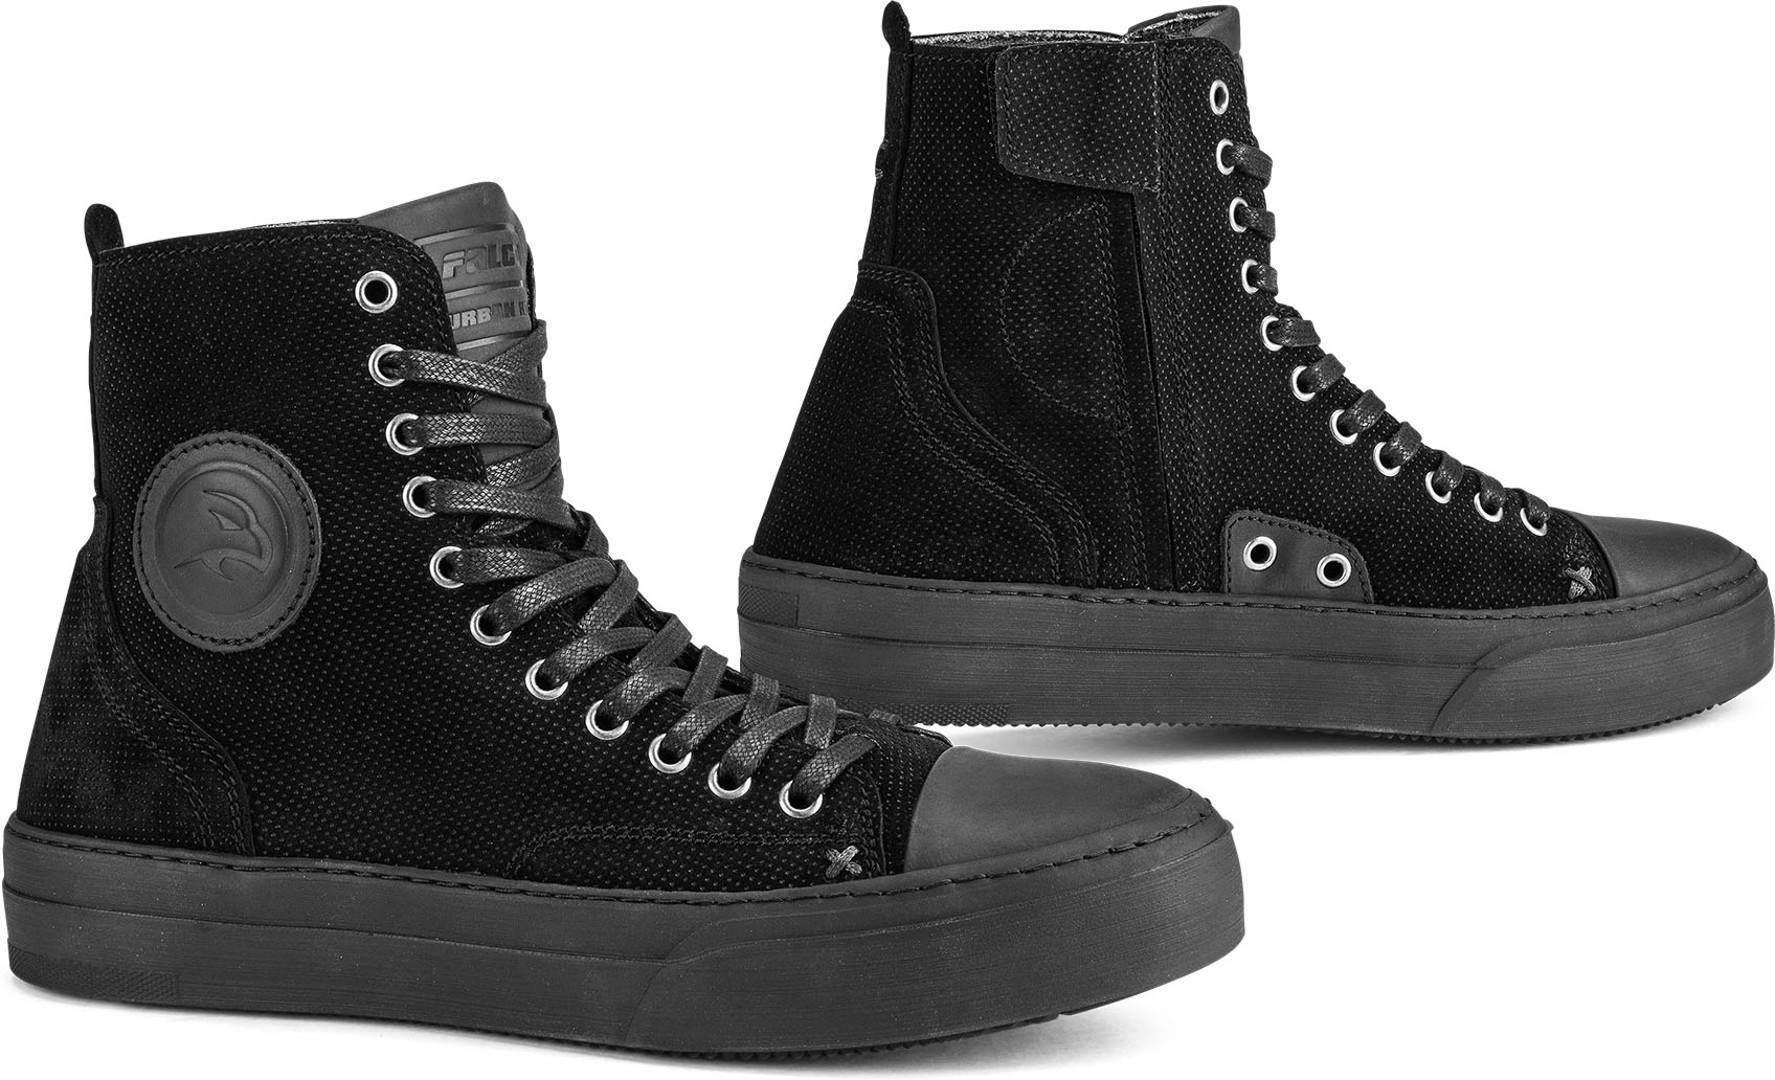 Falco Lennox Hyvät moottoripyörä kengät  - Musta - Size: 40